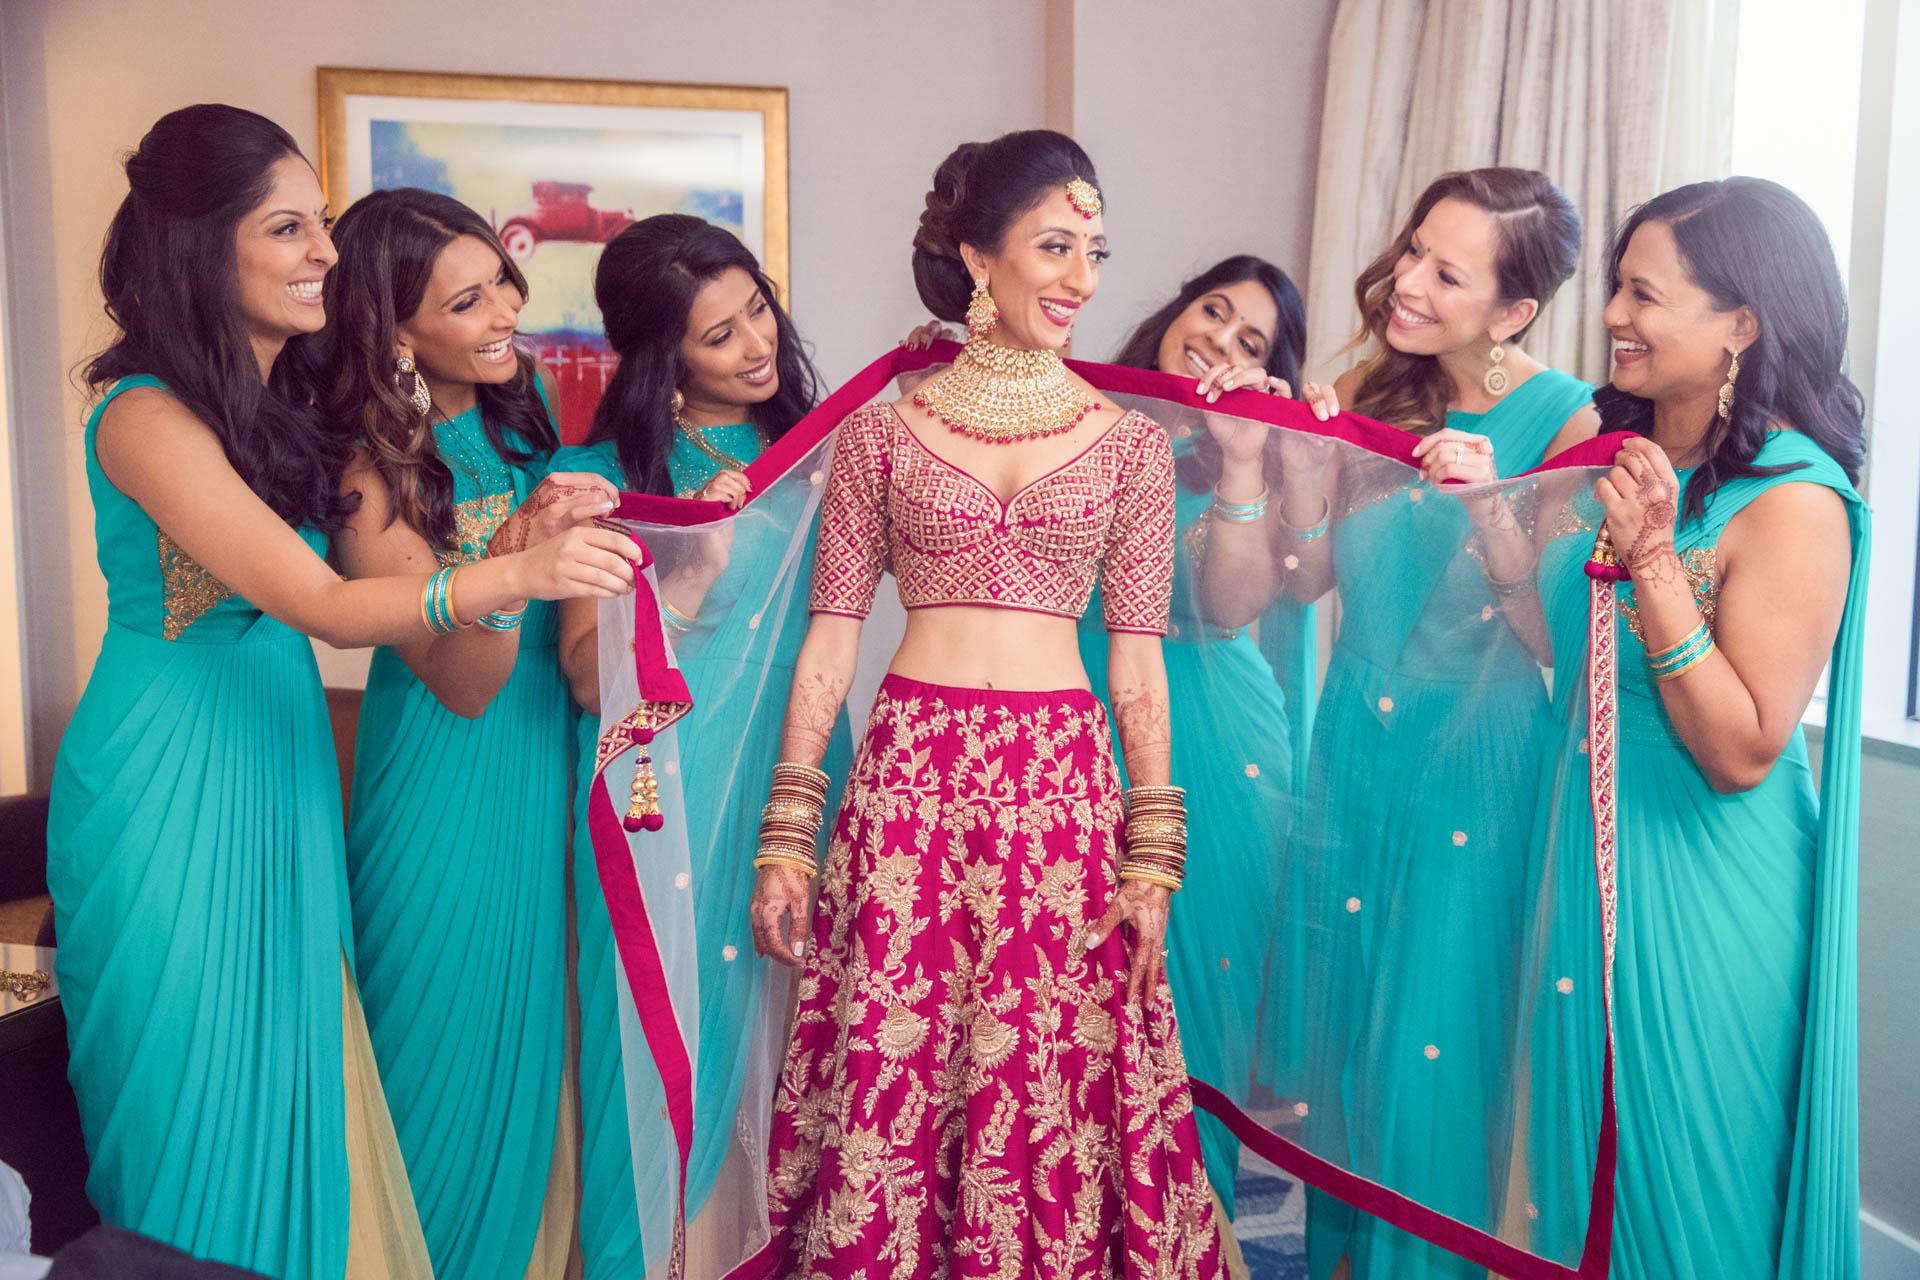 SHERATON MAHWAH INDIAN WEDDING 4